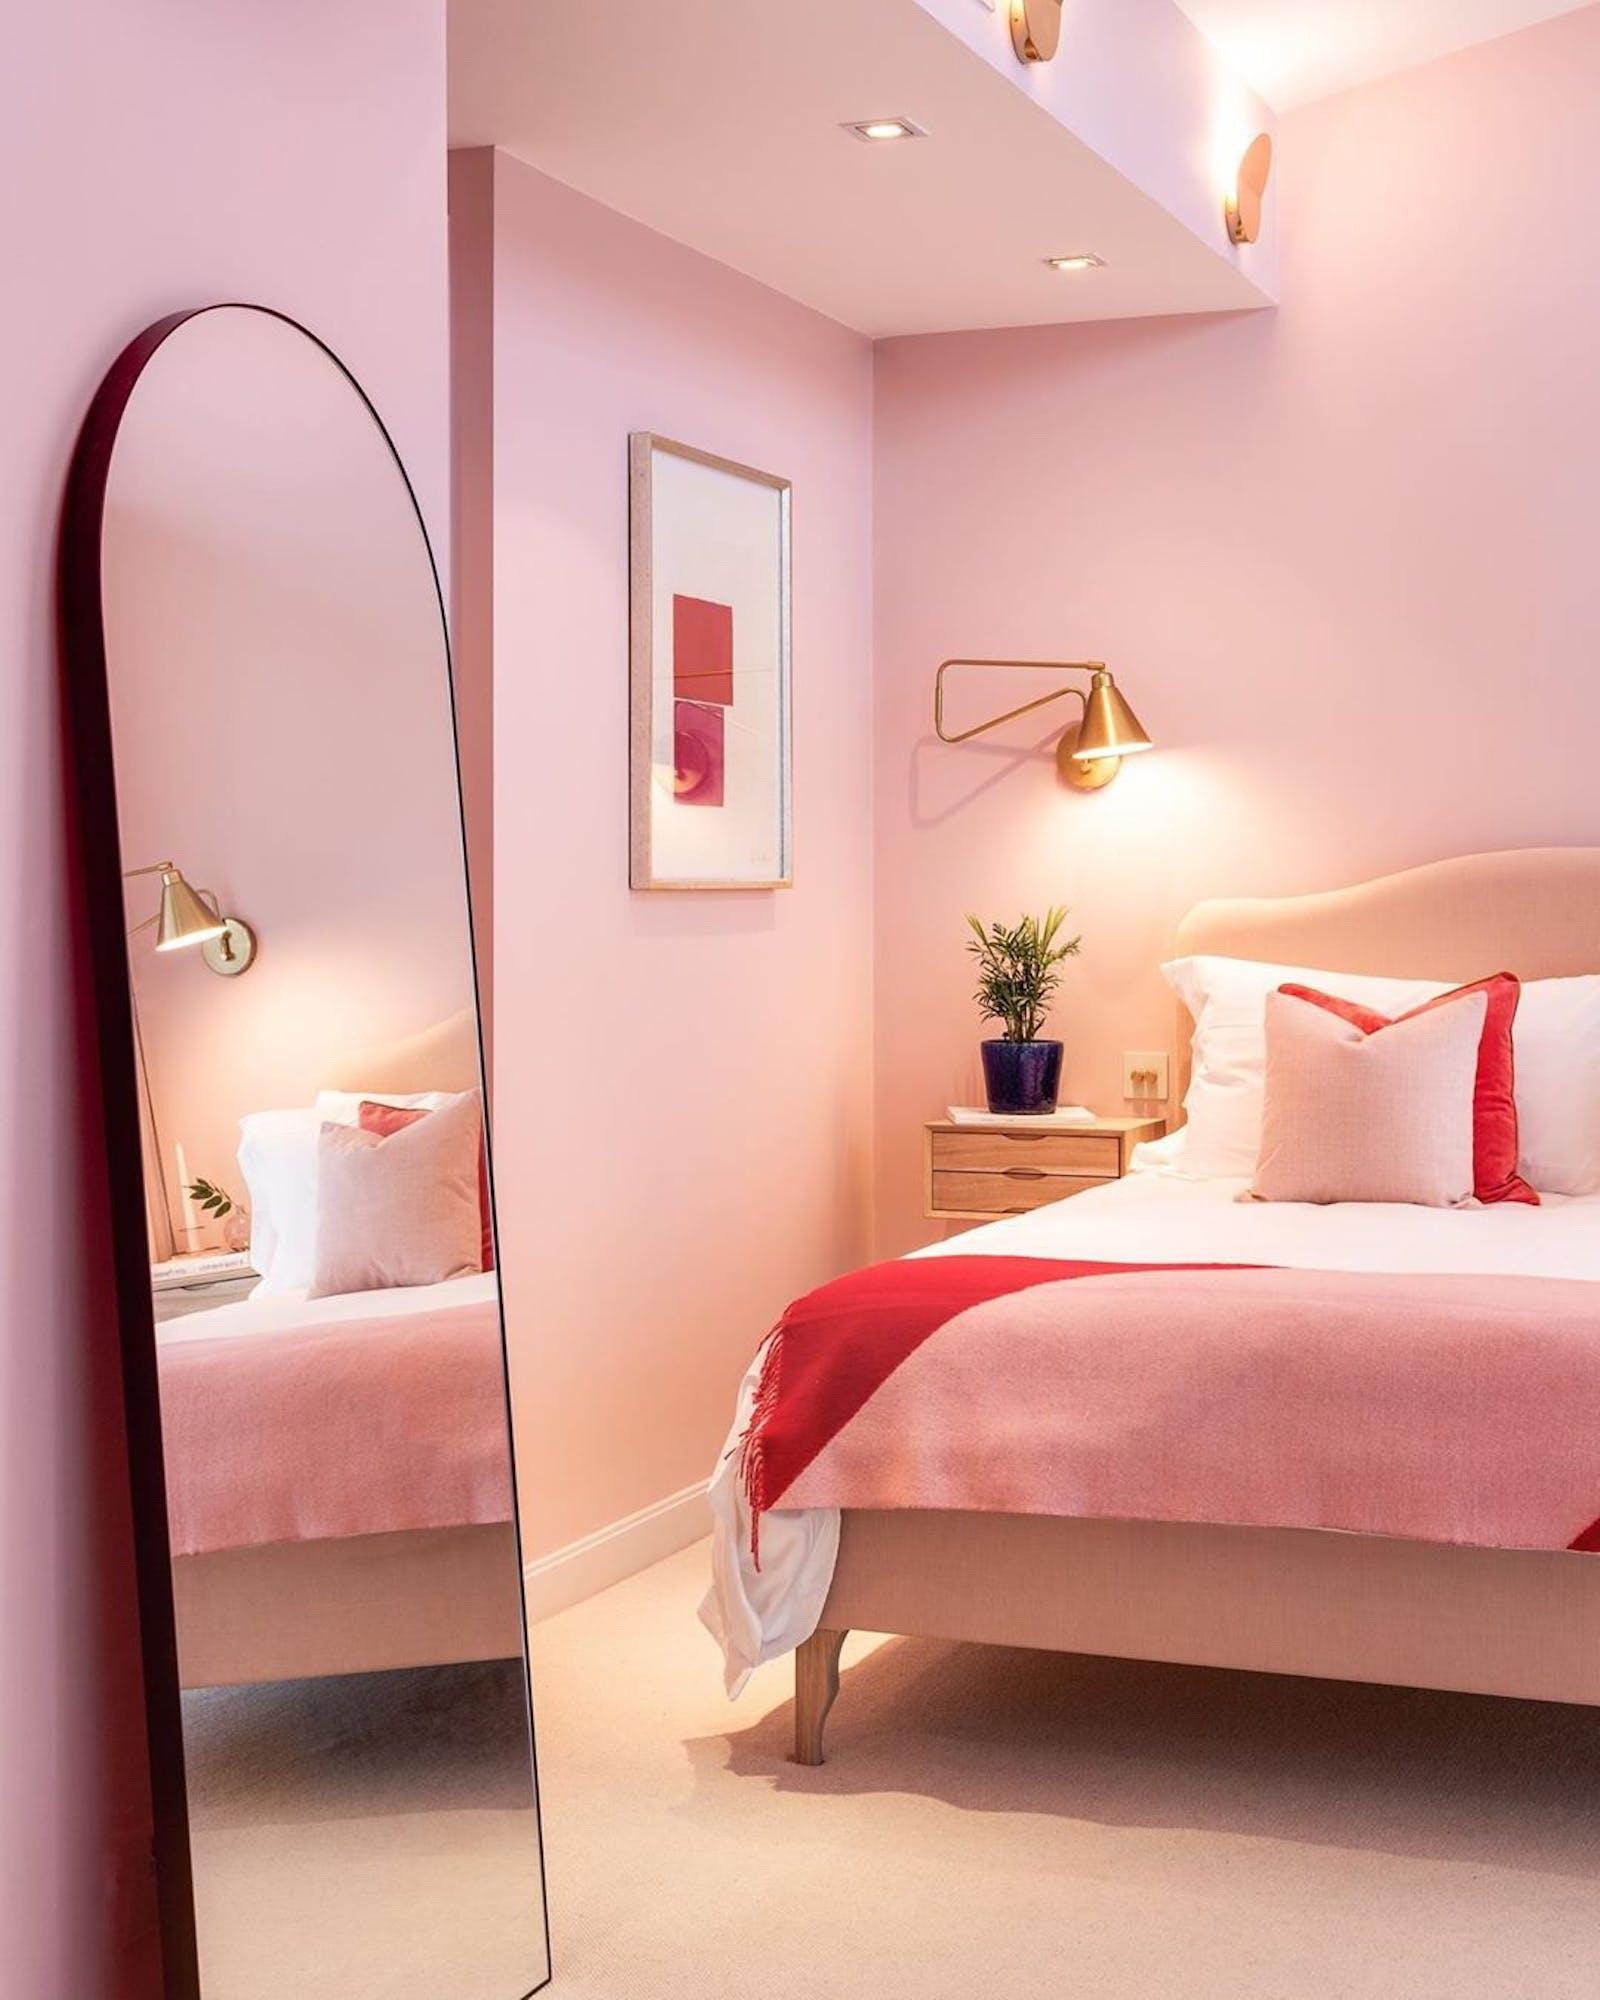 Bubblegum pink bedroom painted in Lick Pink 03